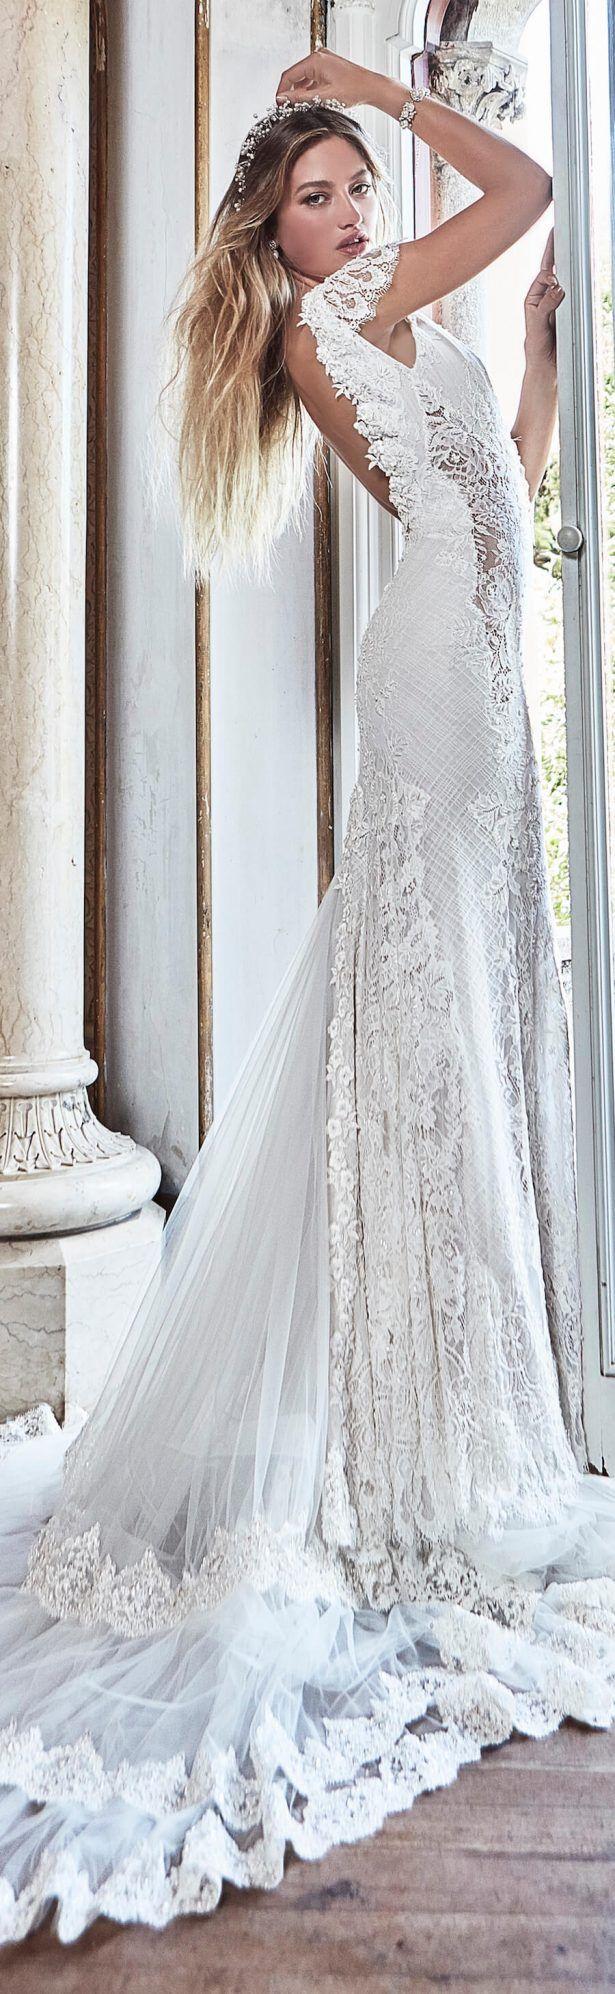 3217 besten Wedding Dress ❤ ❤ ❤ Bilder auf Pinterest ...